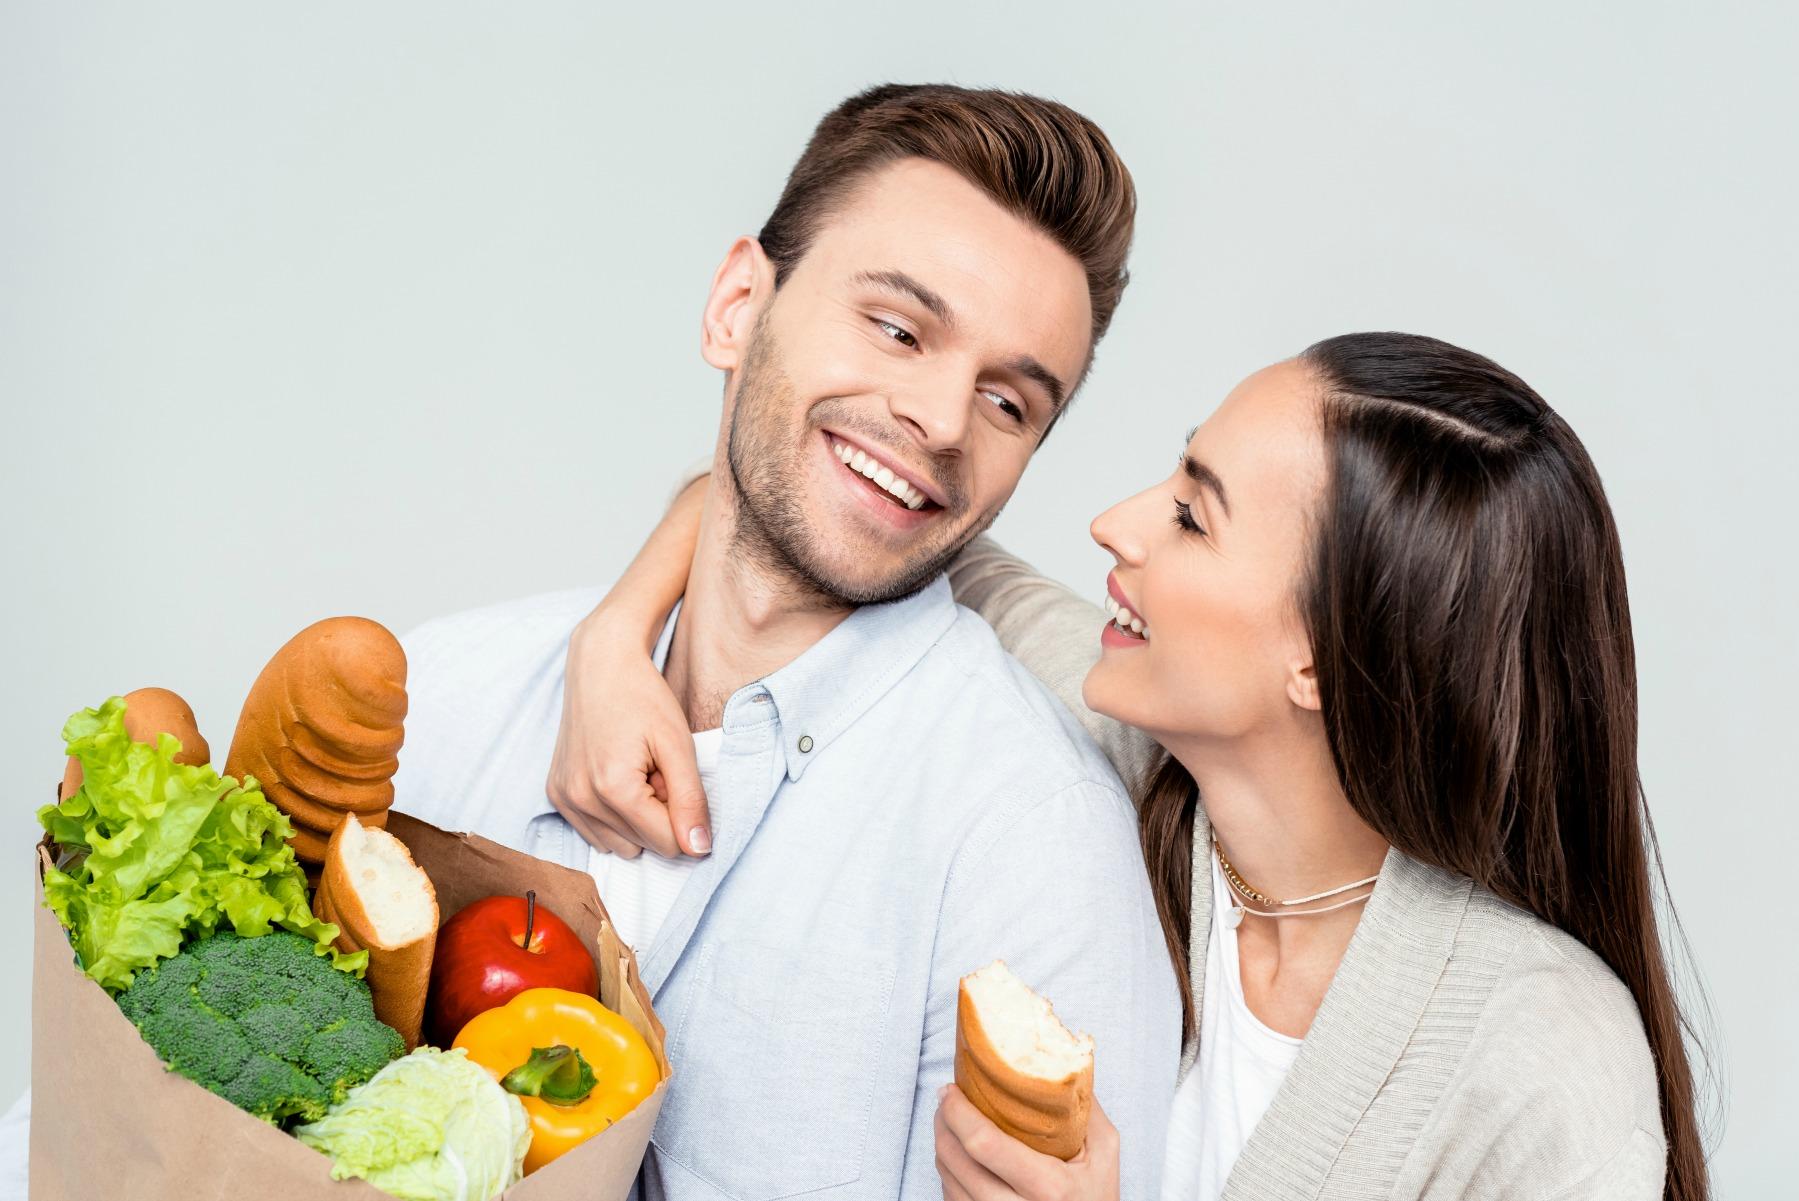 par, handler, mad, flytte sammen, husholdning, kæreste